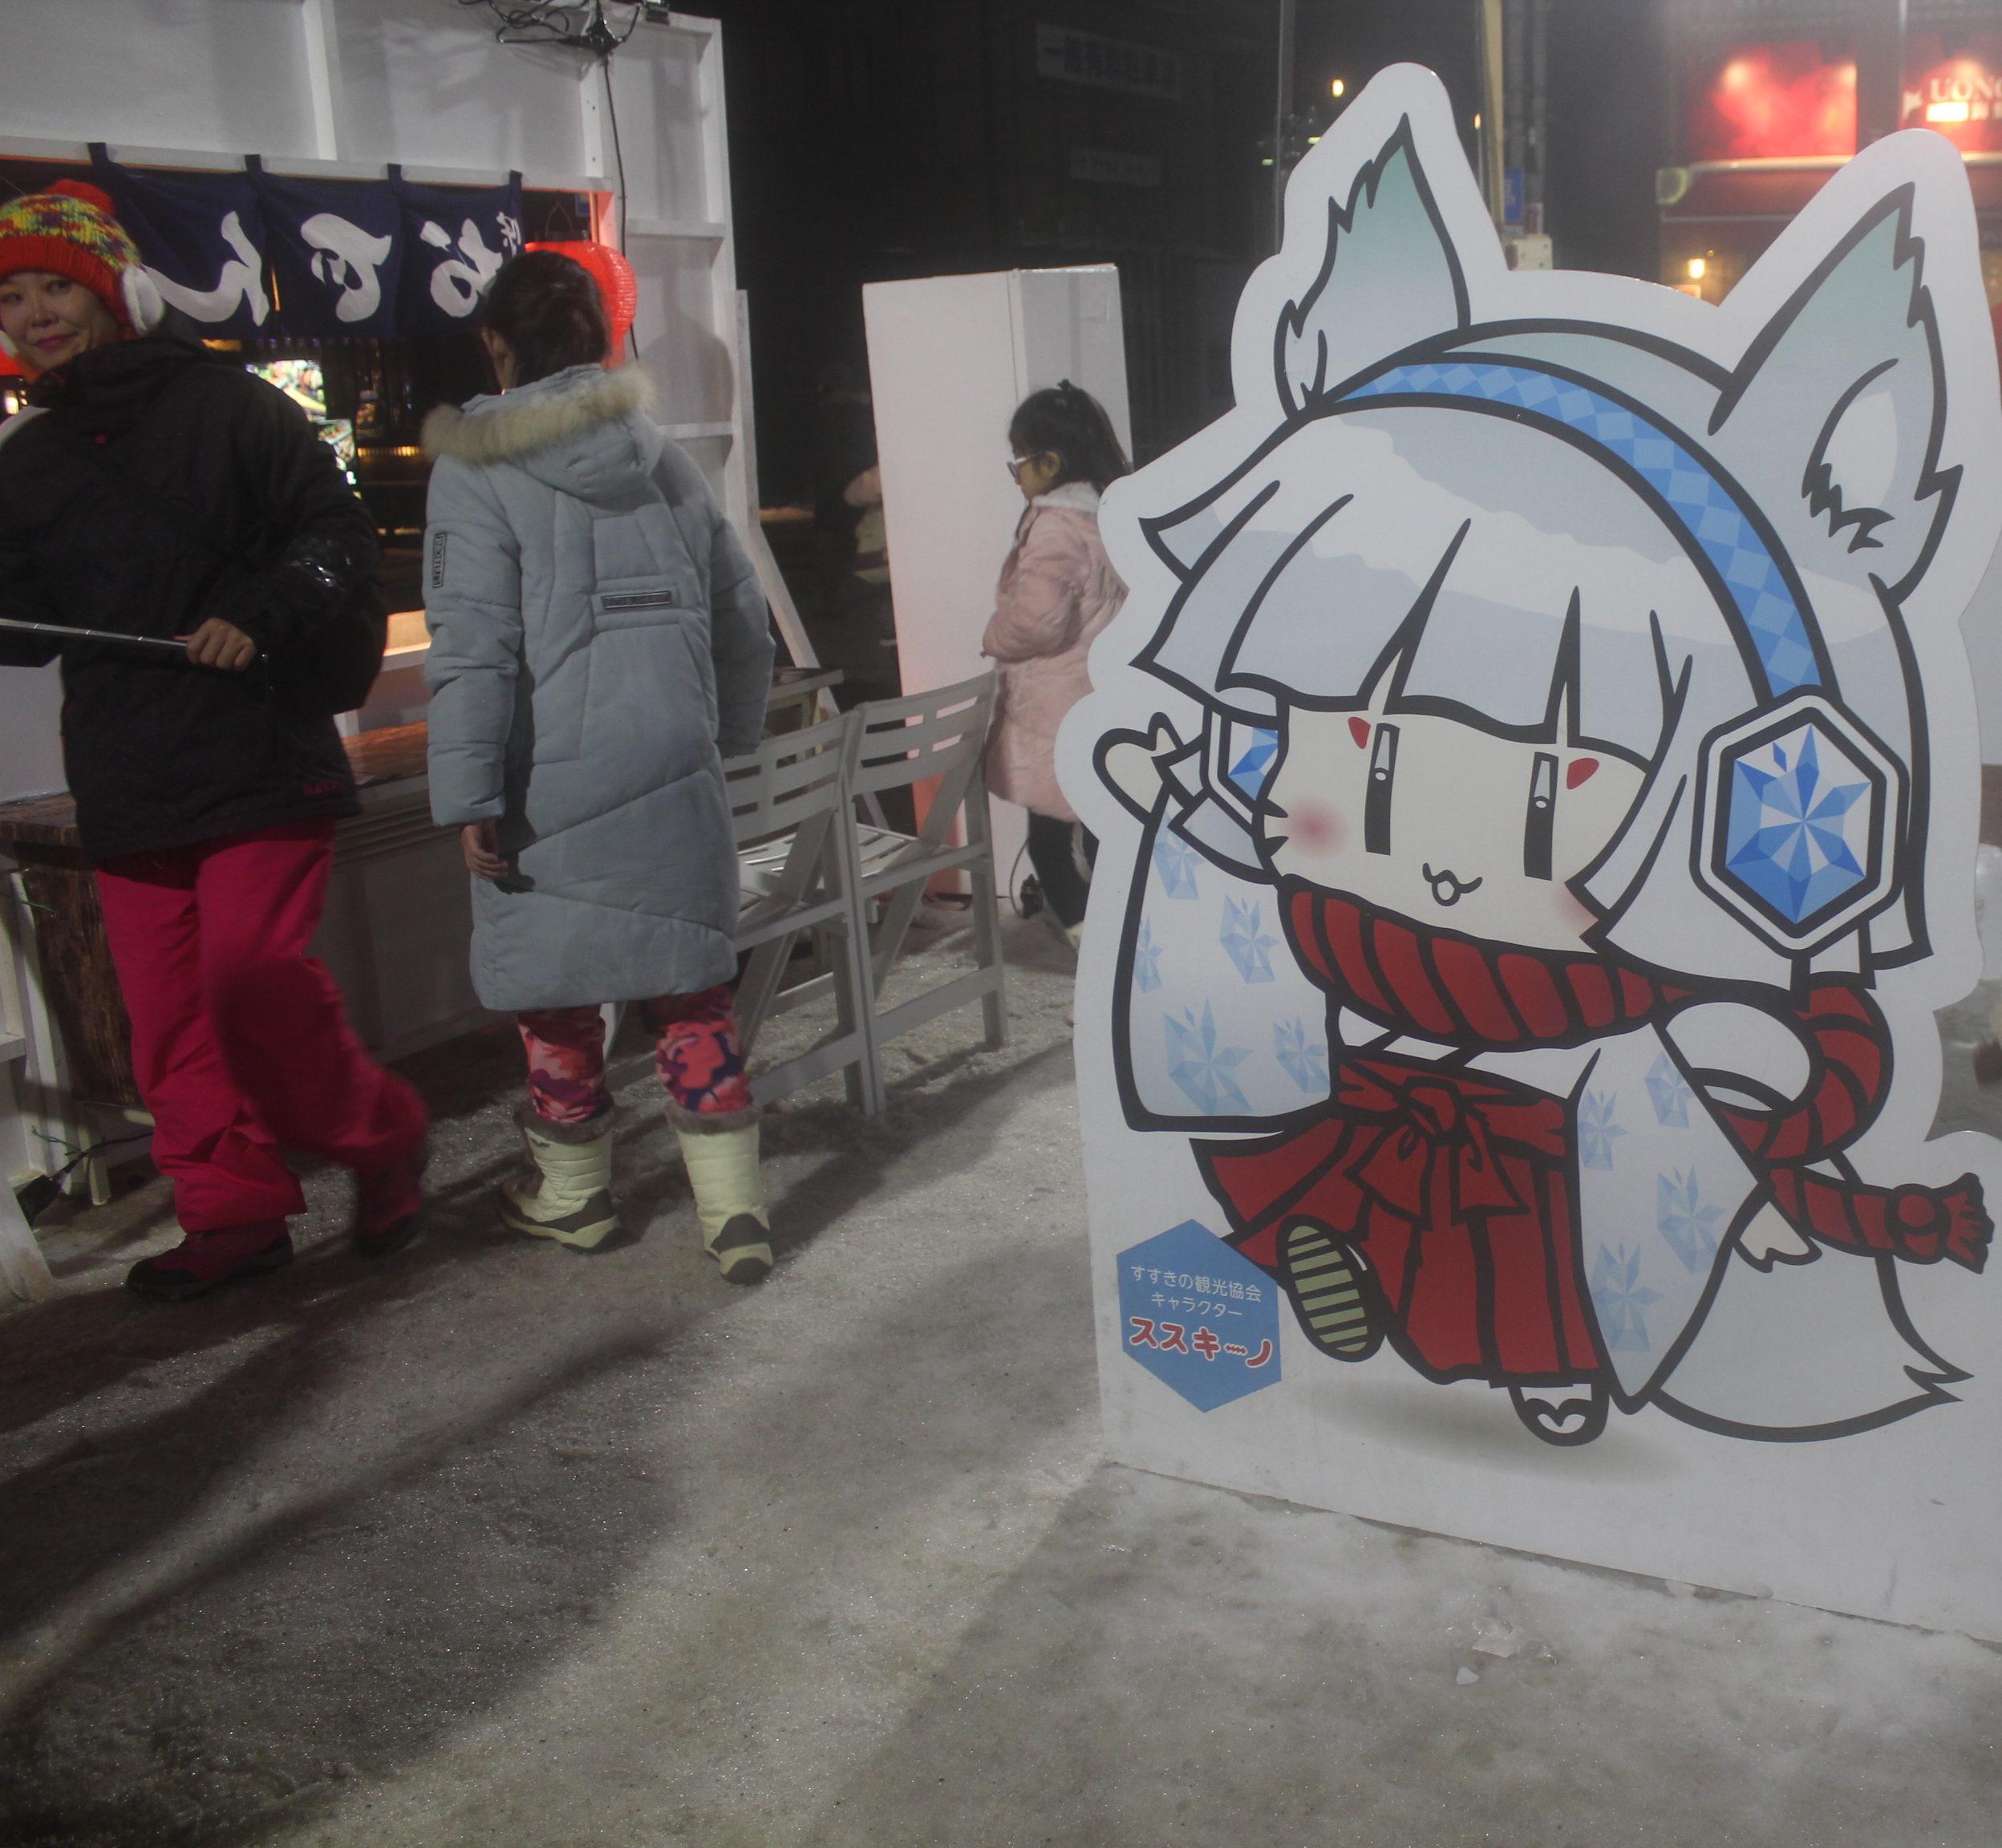 Sapporo Snow Festival at Susukino